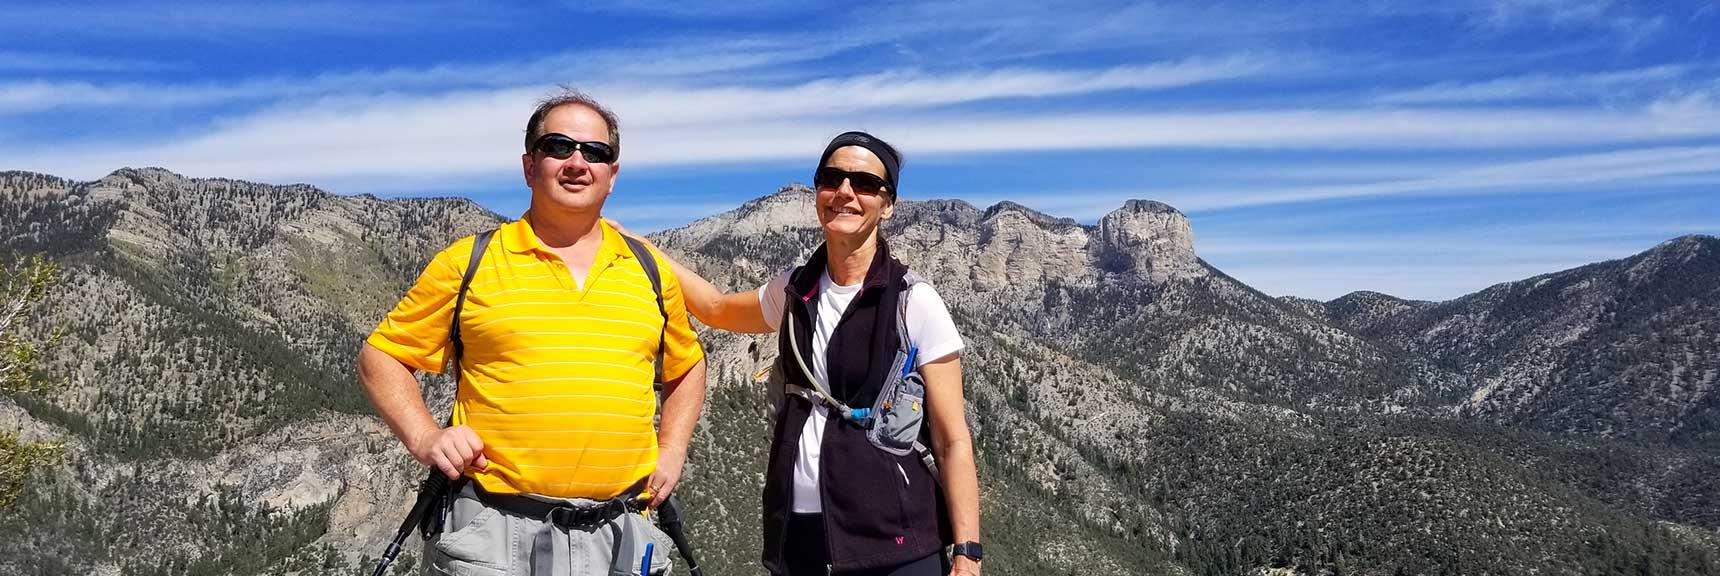 Cathedral Rock Summit Achieved in Mt. Charleston Wilderness, Nevada